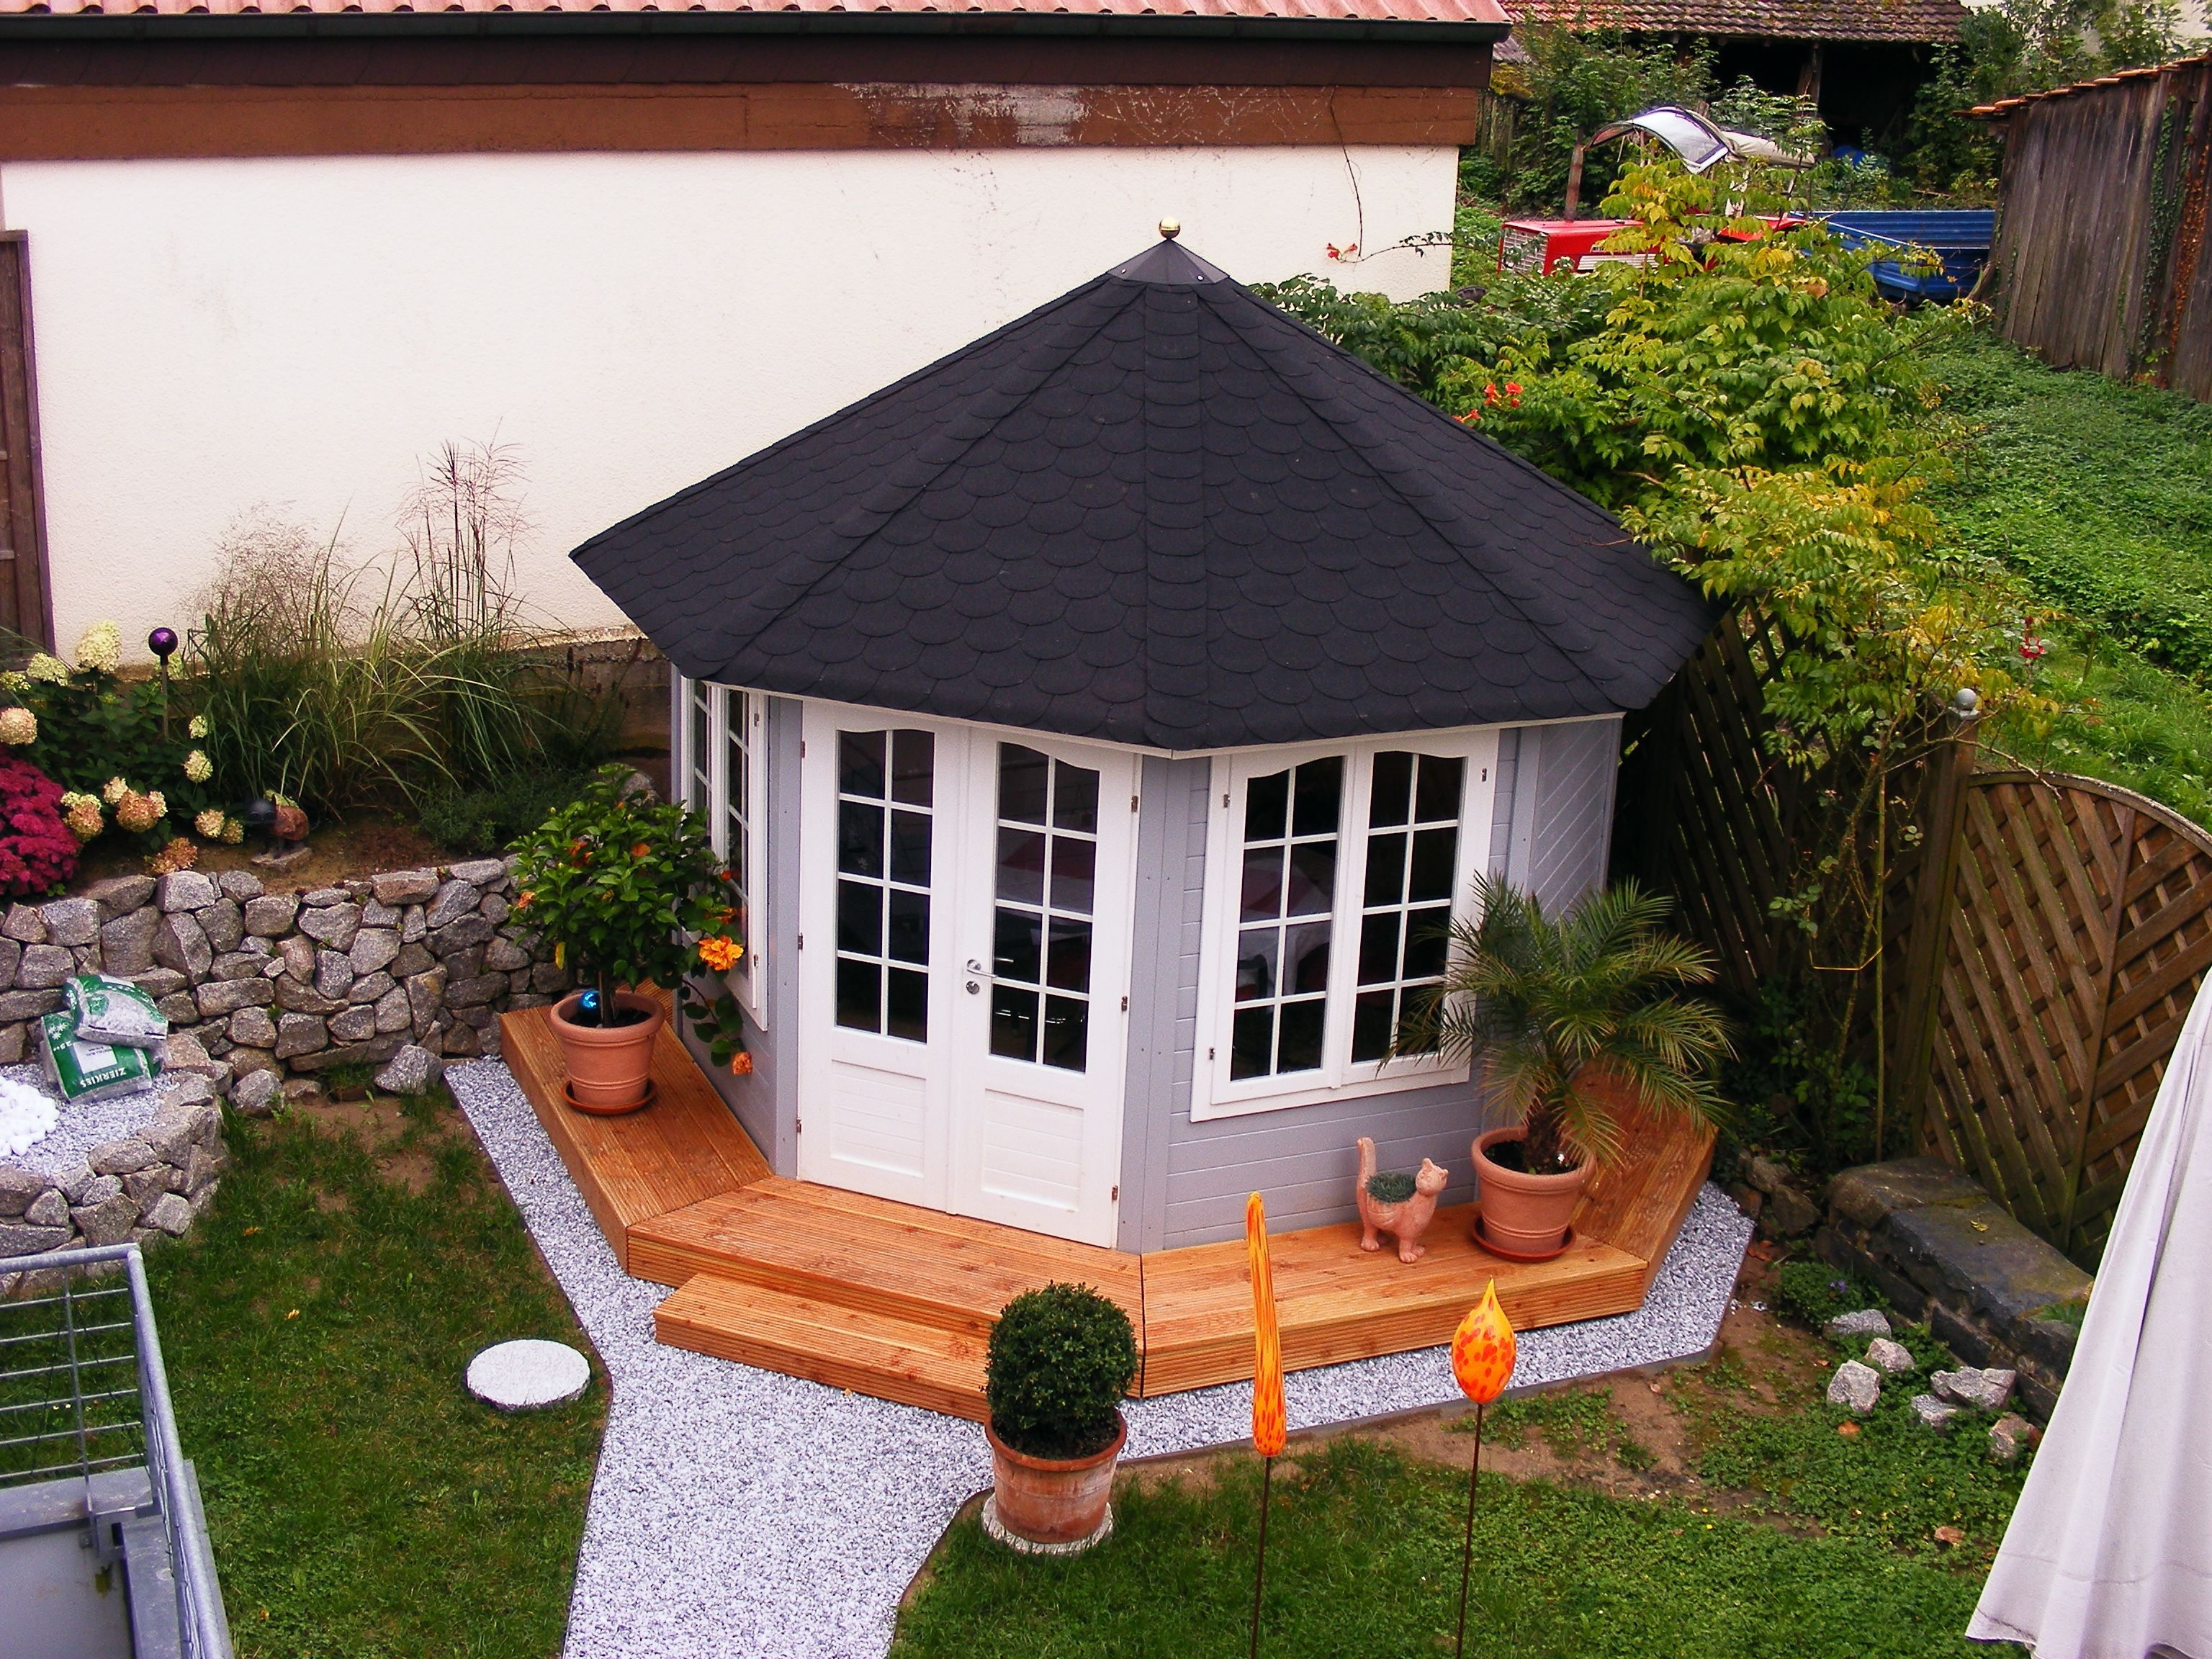 Gut gemocht Gartenpavillon in Grau und Weiß, umgeben von einer modernen JI05